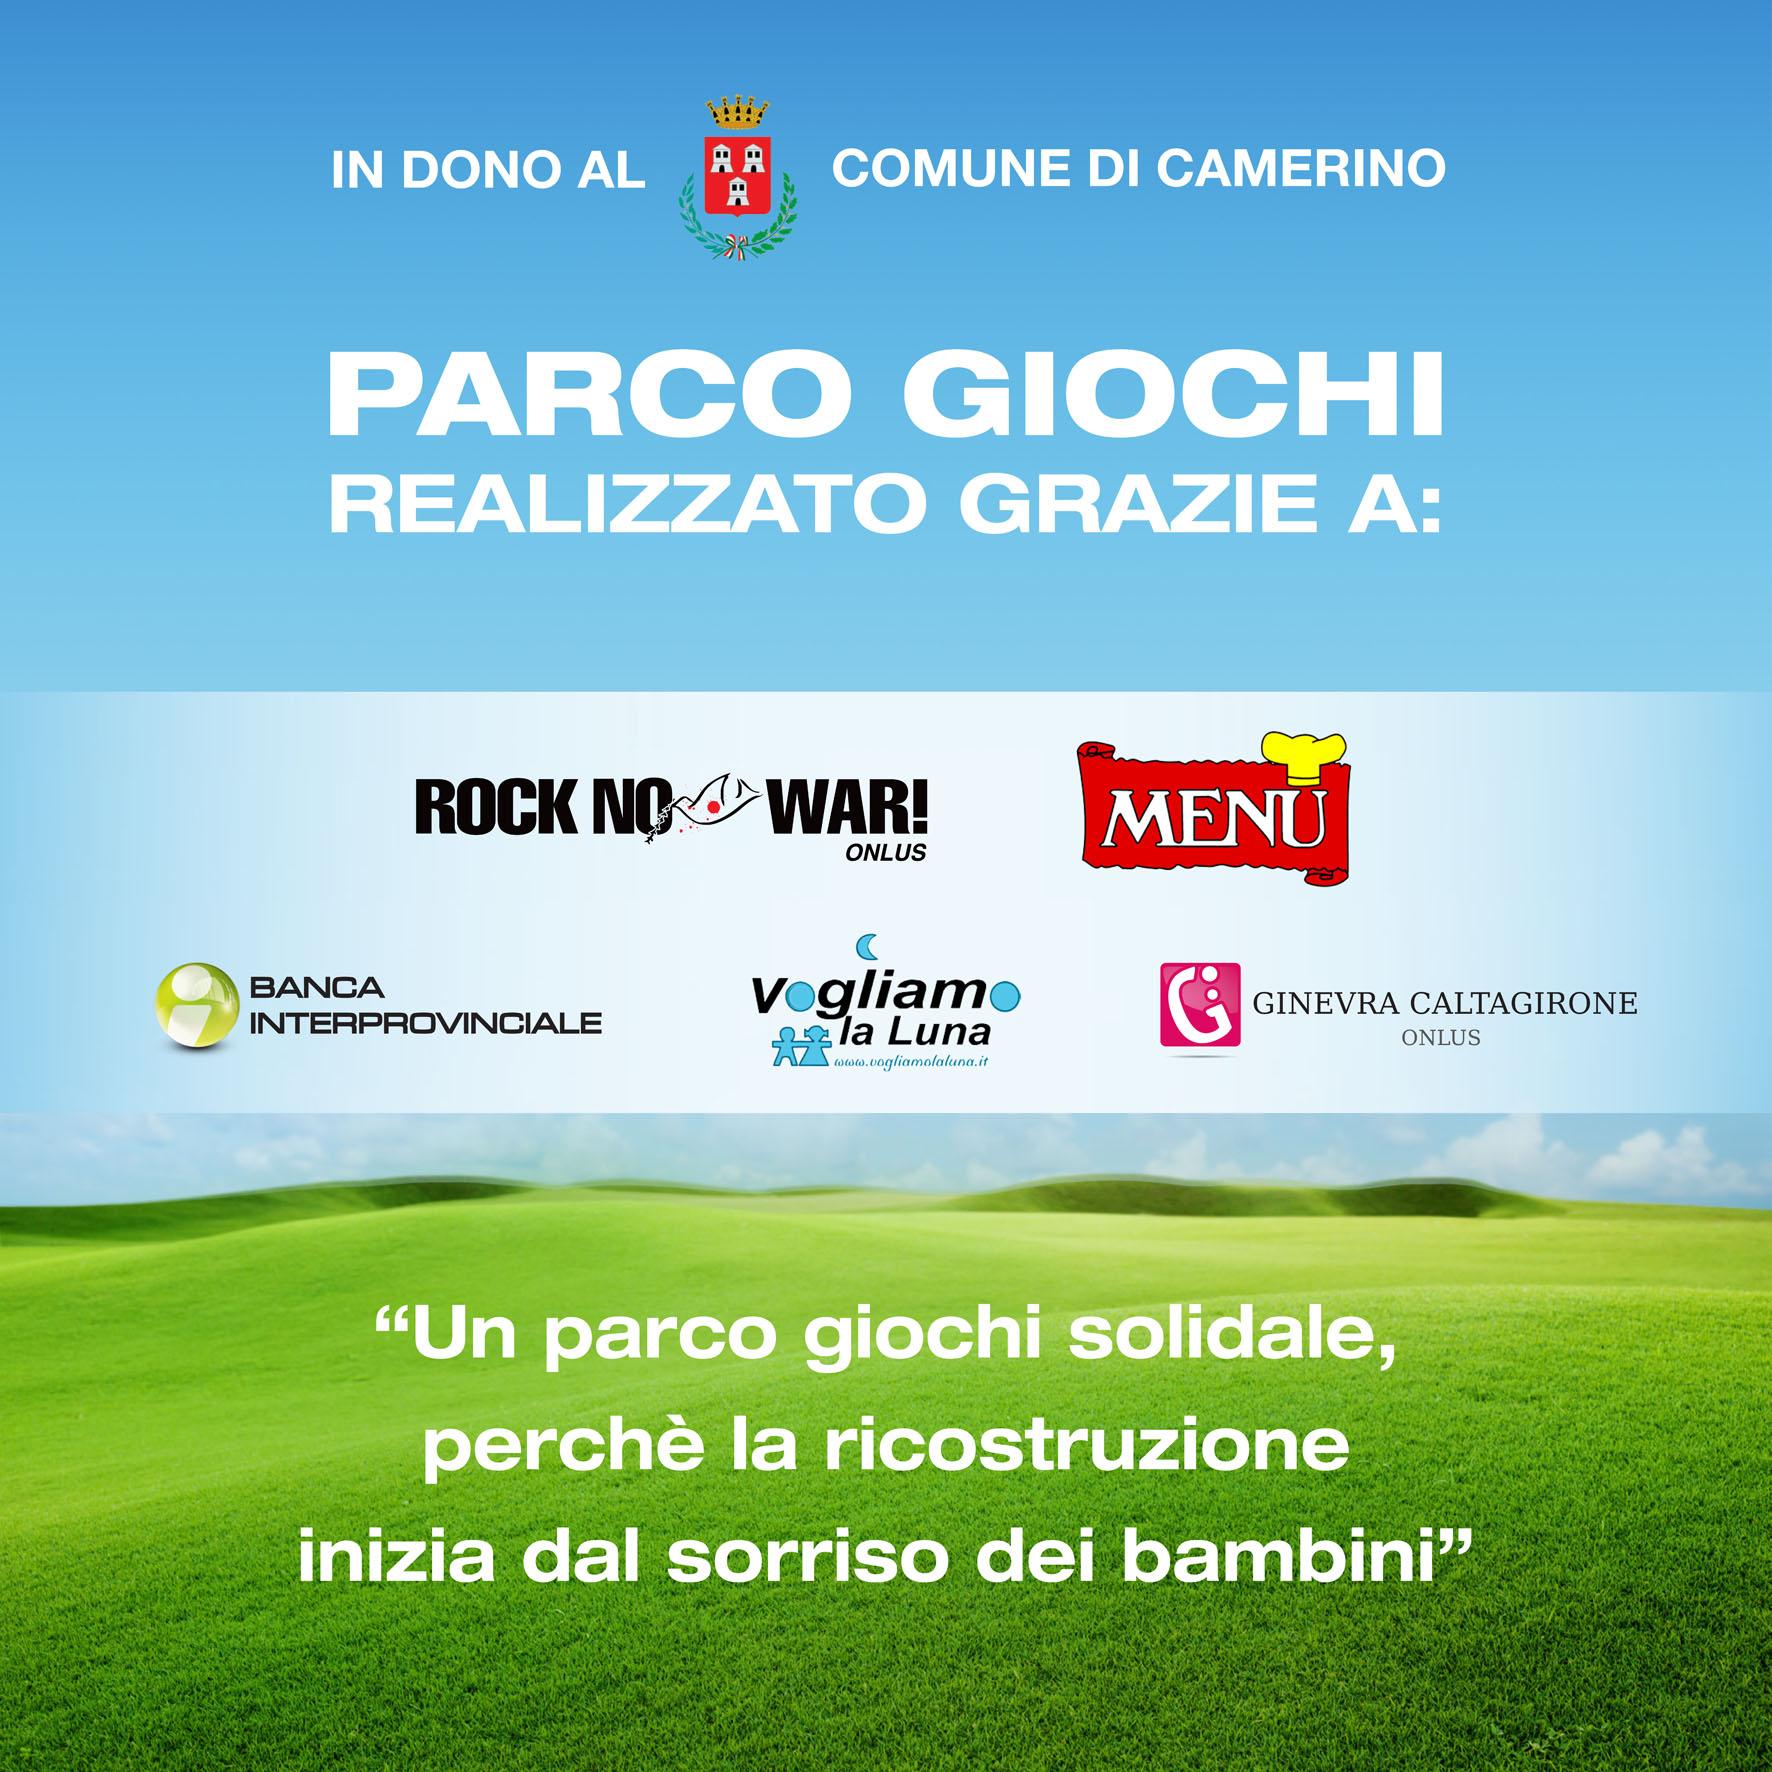 Fondazione Ginevra Caltagirone and Rock no War! donate two playgrounds in Camerino and Visso(MC).